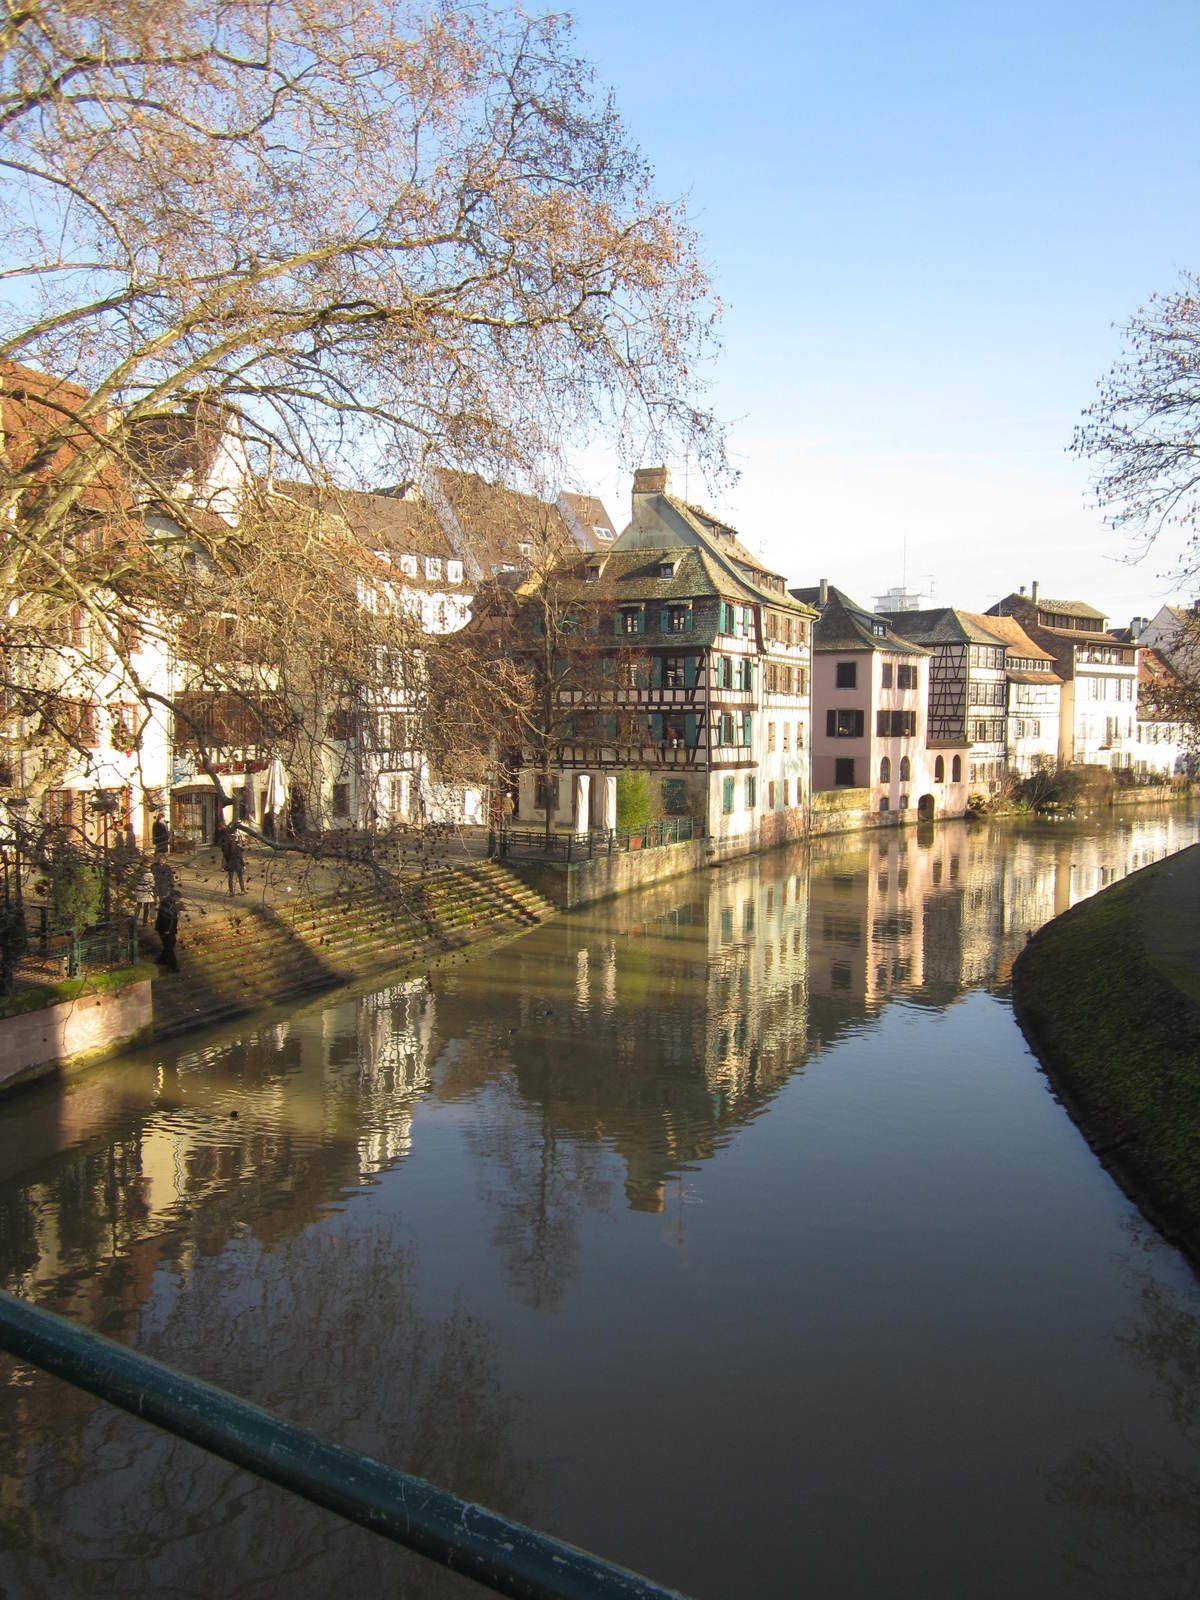 La plus vieille maison de Strasbourg,, ses bords de rivière et le long du canal ....